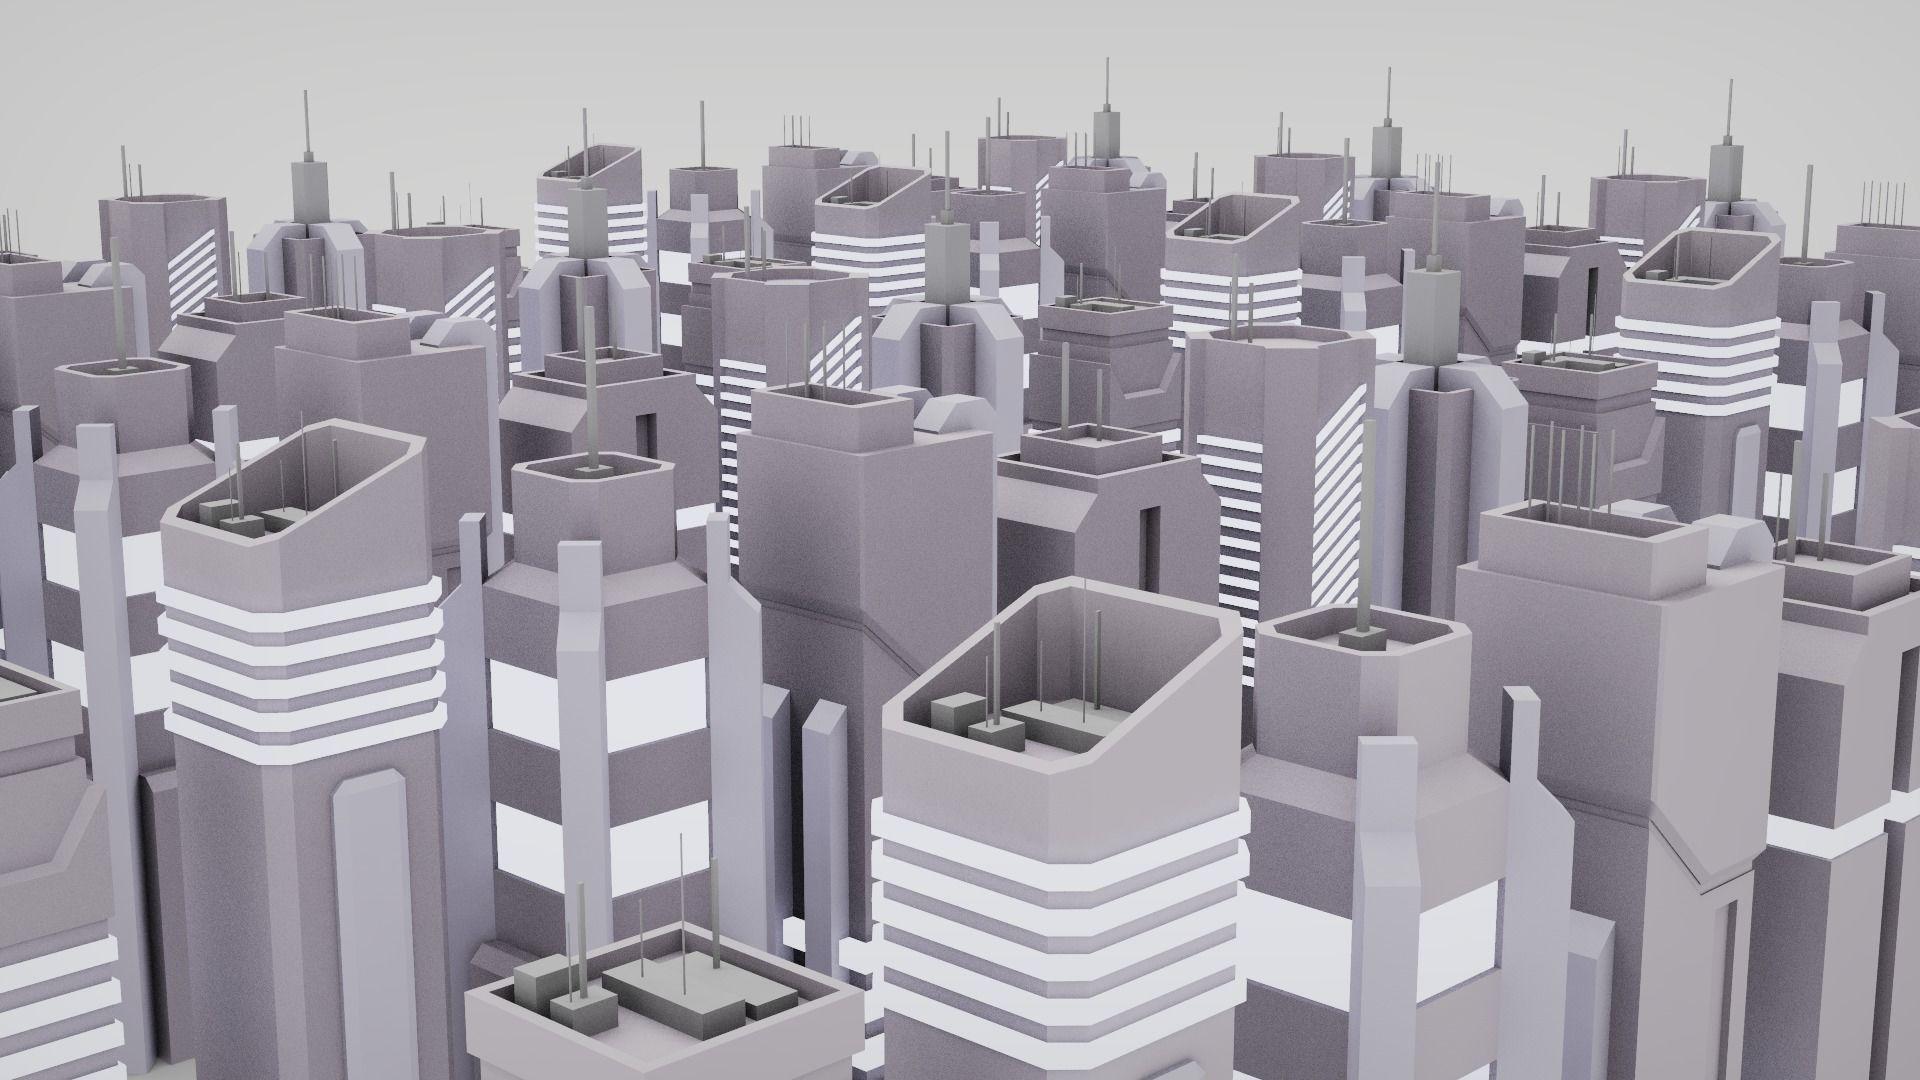 7 SciFi Skyscrapers